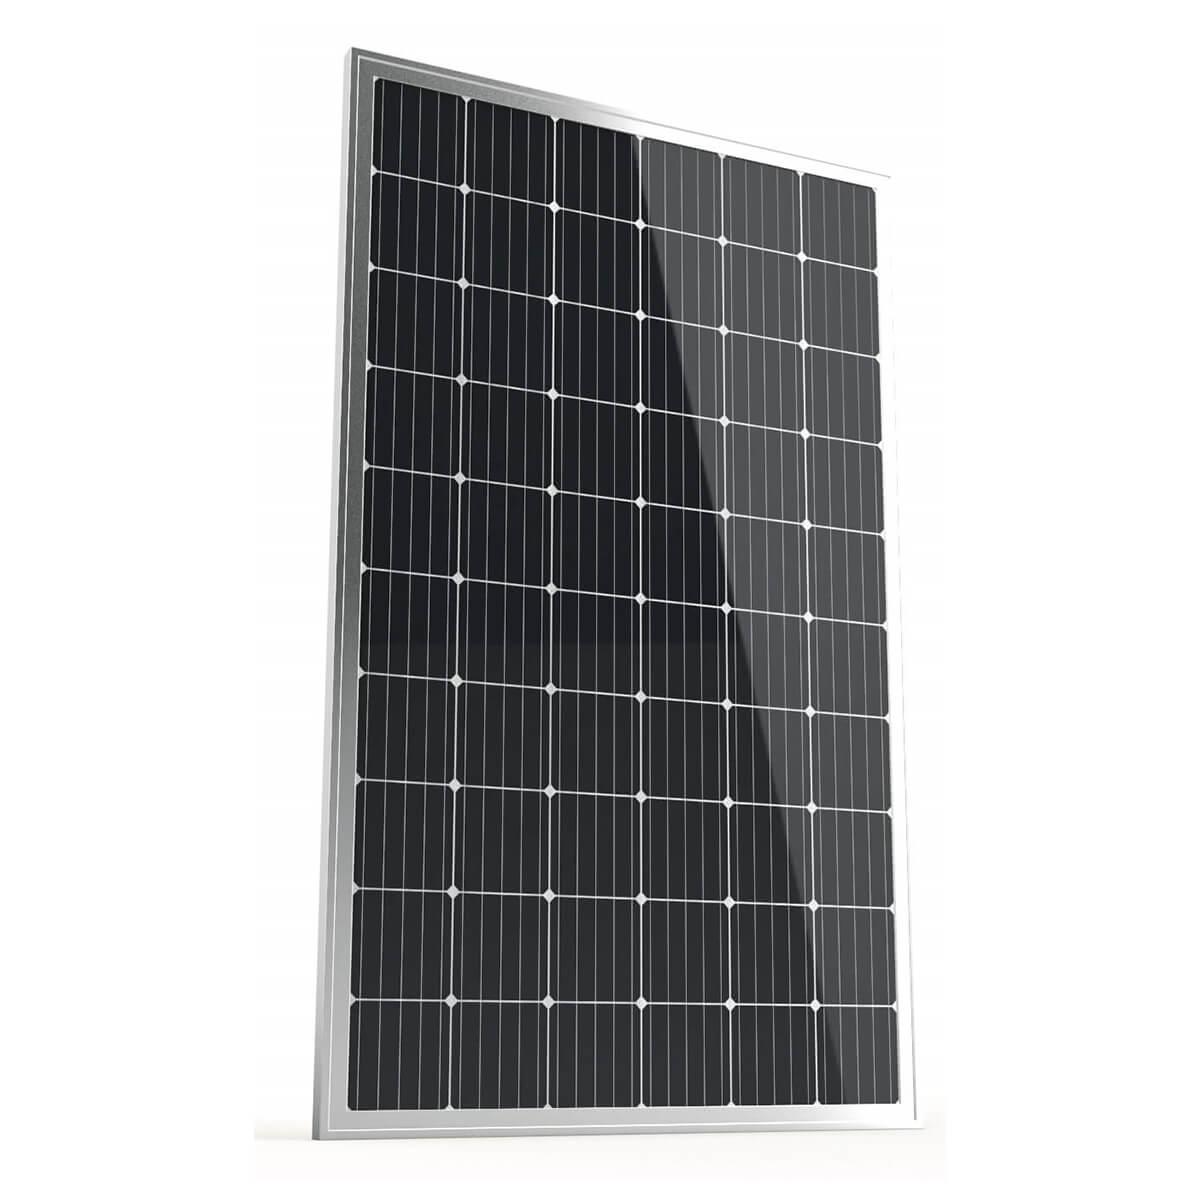 2h enerji winasol 325W panel, 2h enerji winasol 325Watt panel, 2h enerji winasol 325 W panel, 2h enerji winasol 325 Watt panel, 2h enerji winasol 325 Watt monokristal panel, 2h enerji winasol 325 W watt gunes paneli, 2h enerji winasol 325 W watt monokristal gunes paneli, 2h enerji winasol 325 W Watt fotovoltaik monokristal solar panel, 2h enerji winasol 325W monokristal gunes enerjisi, 2h enerji winasol 60-M3-325W panel, WINASOL 325 WATT